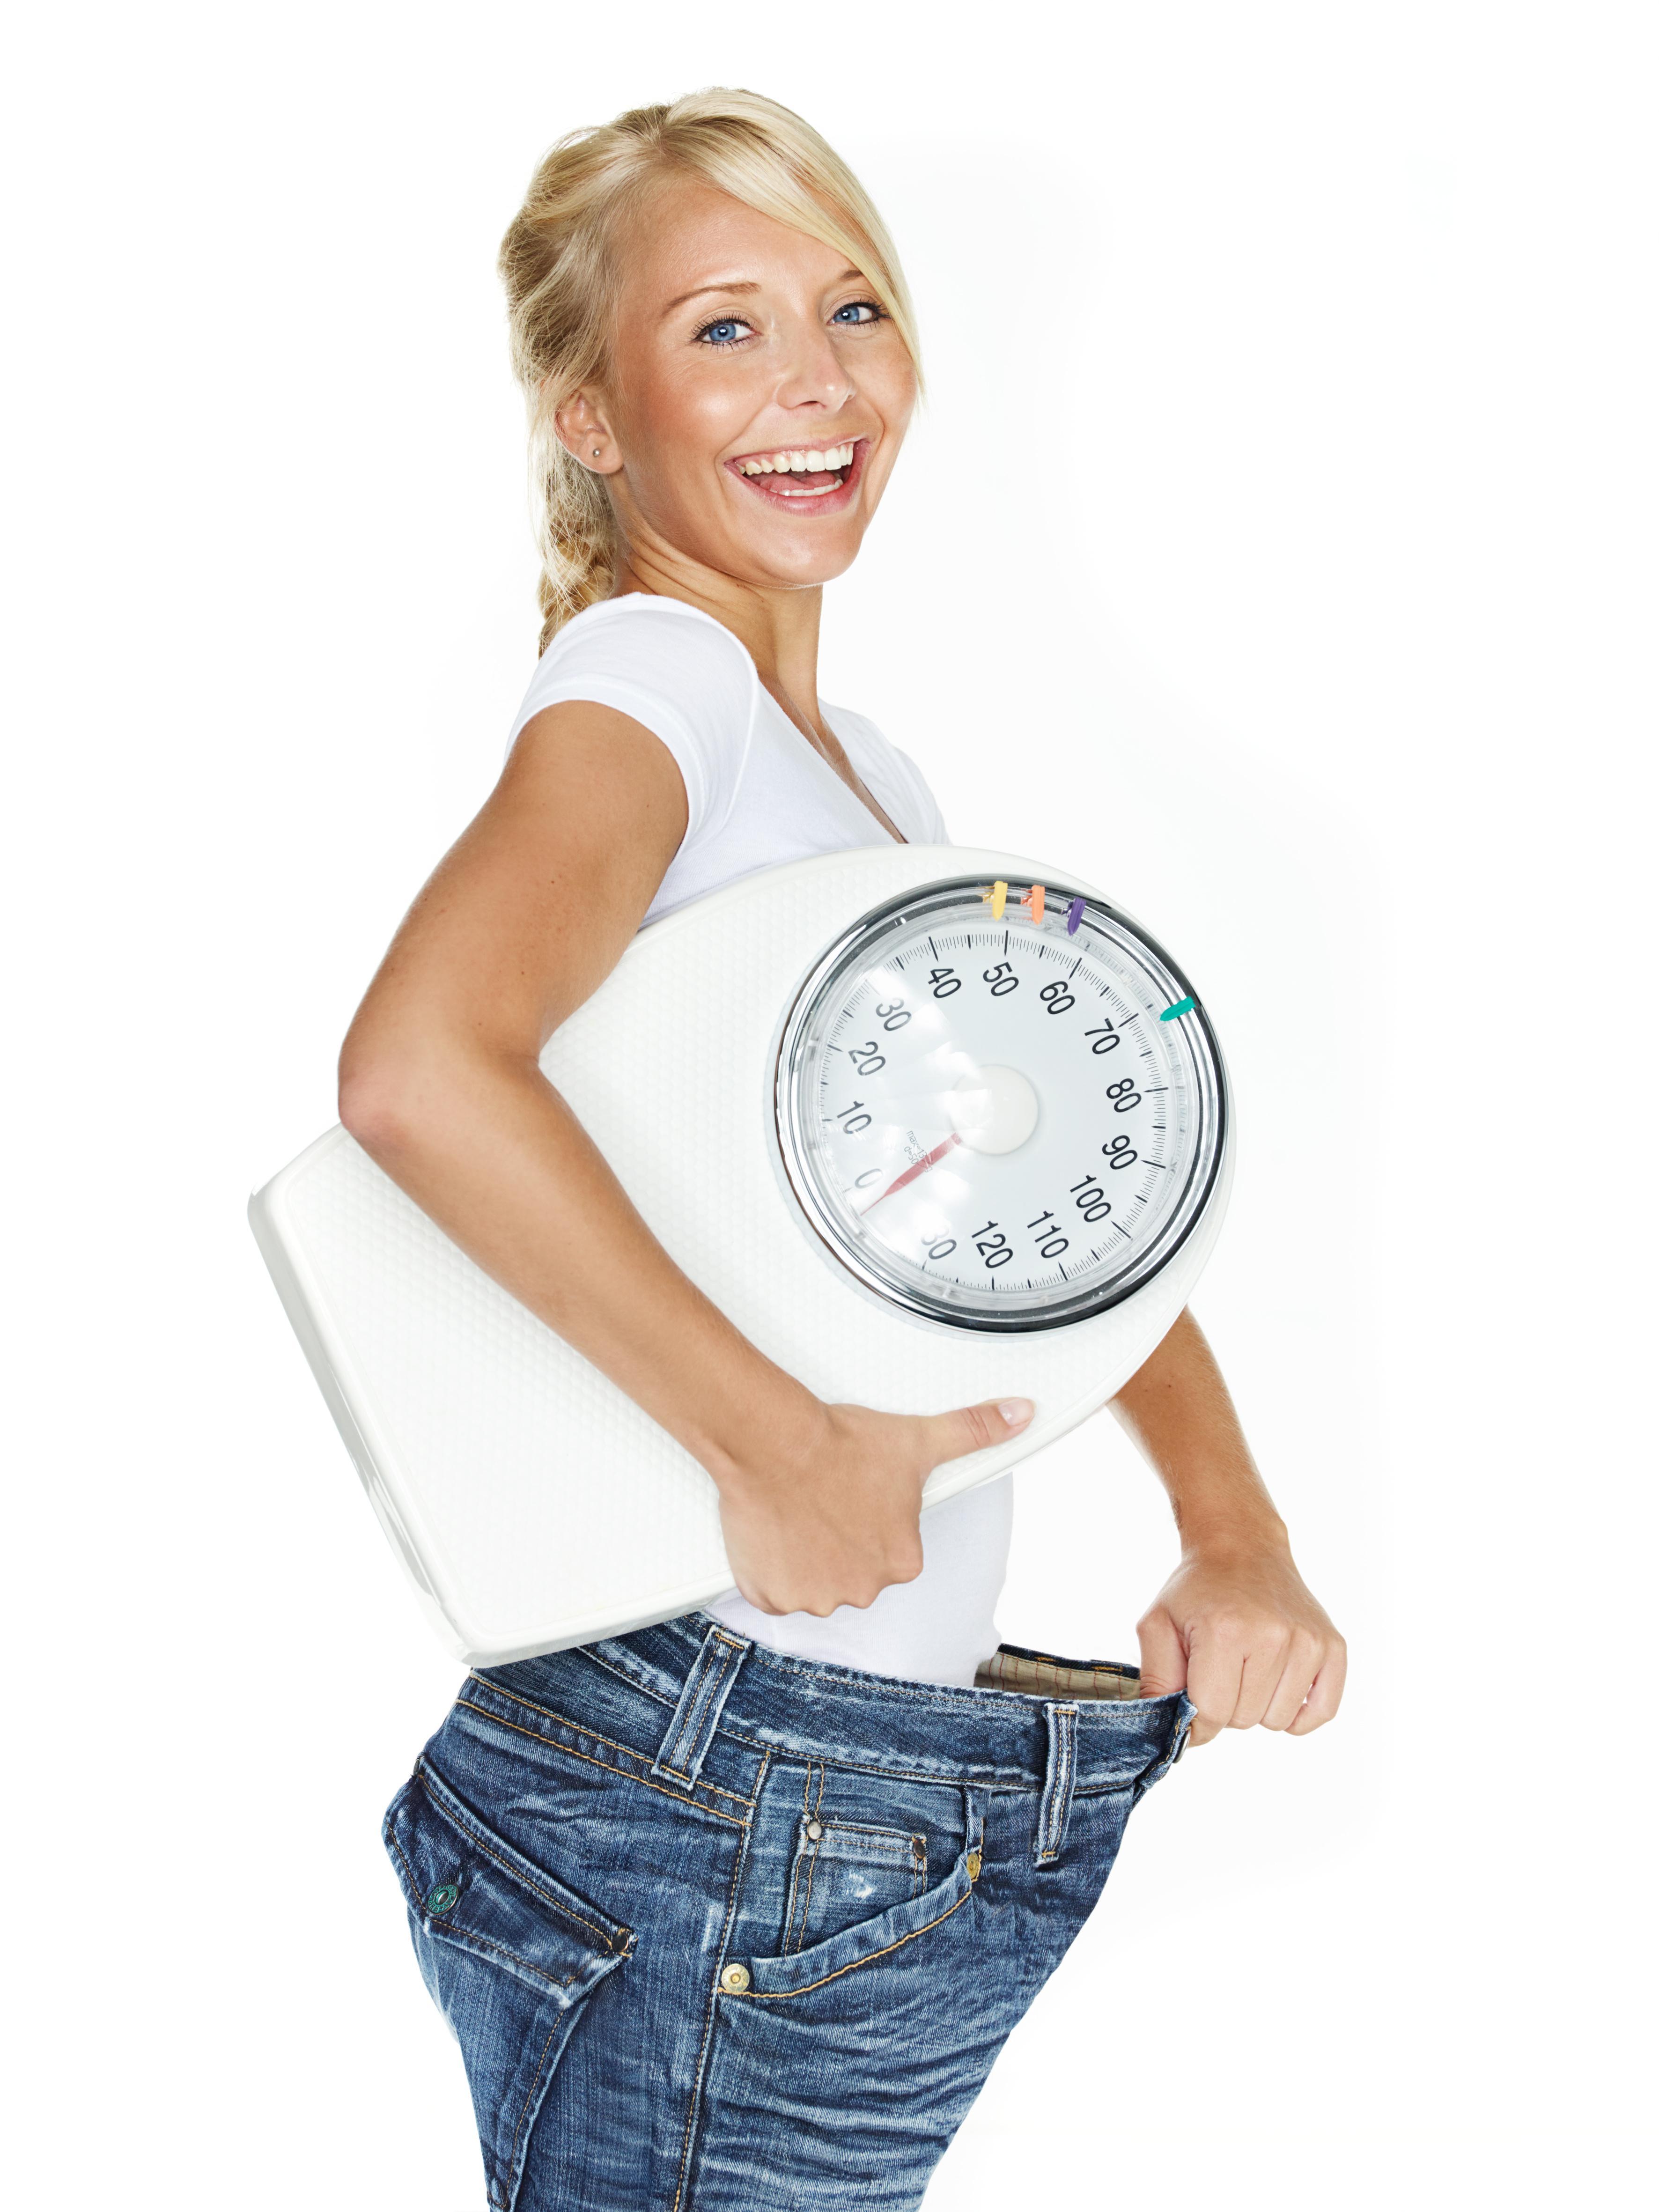 Gute Waage zur Gewichtsreduktion uk